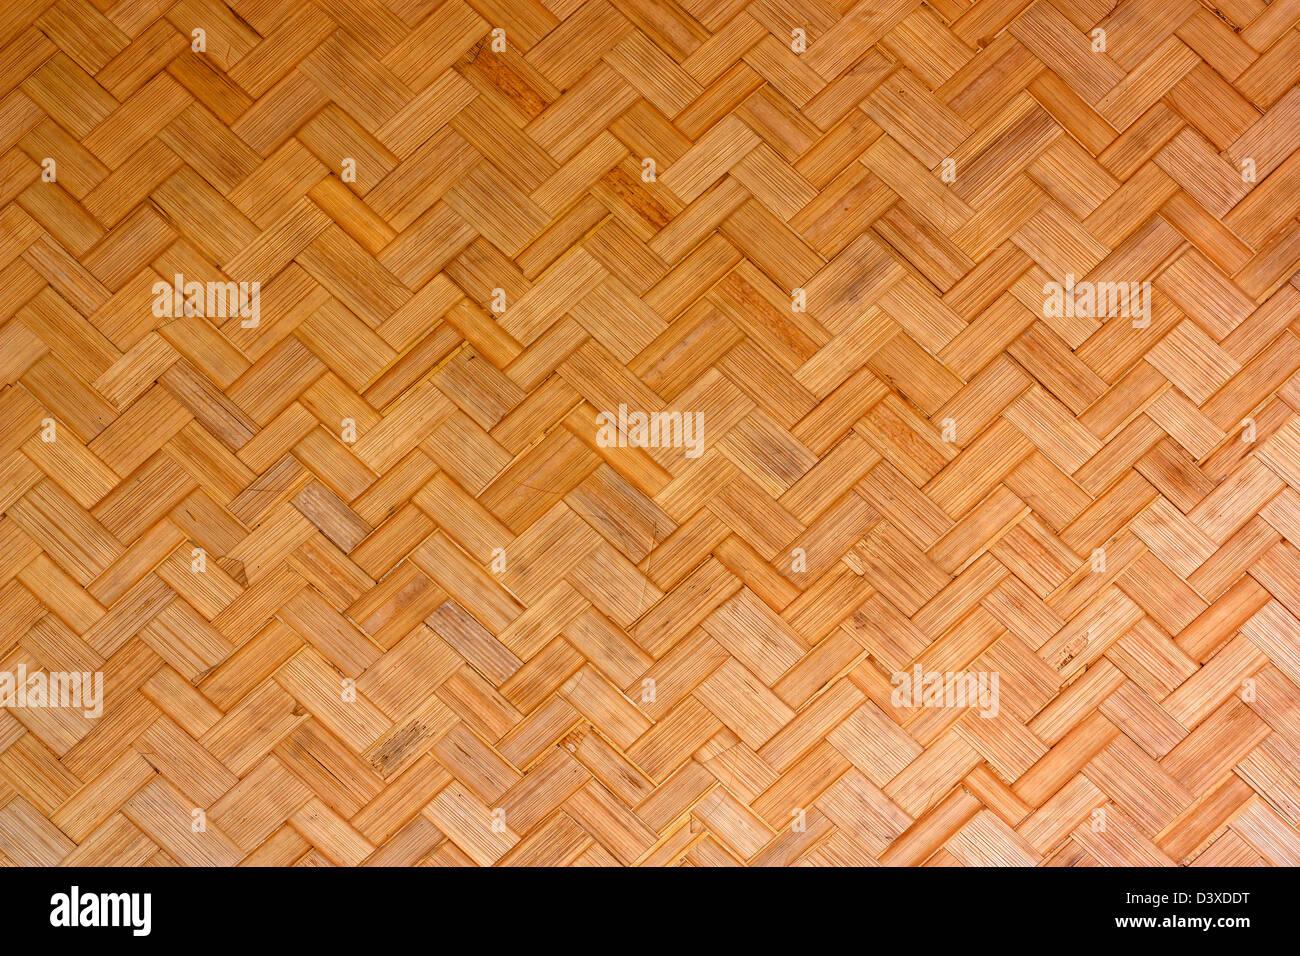 Abstract art bamboo wall, wallpaper natural materials. - Stock Image